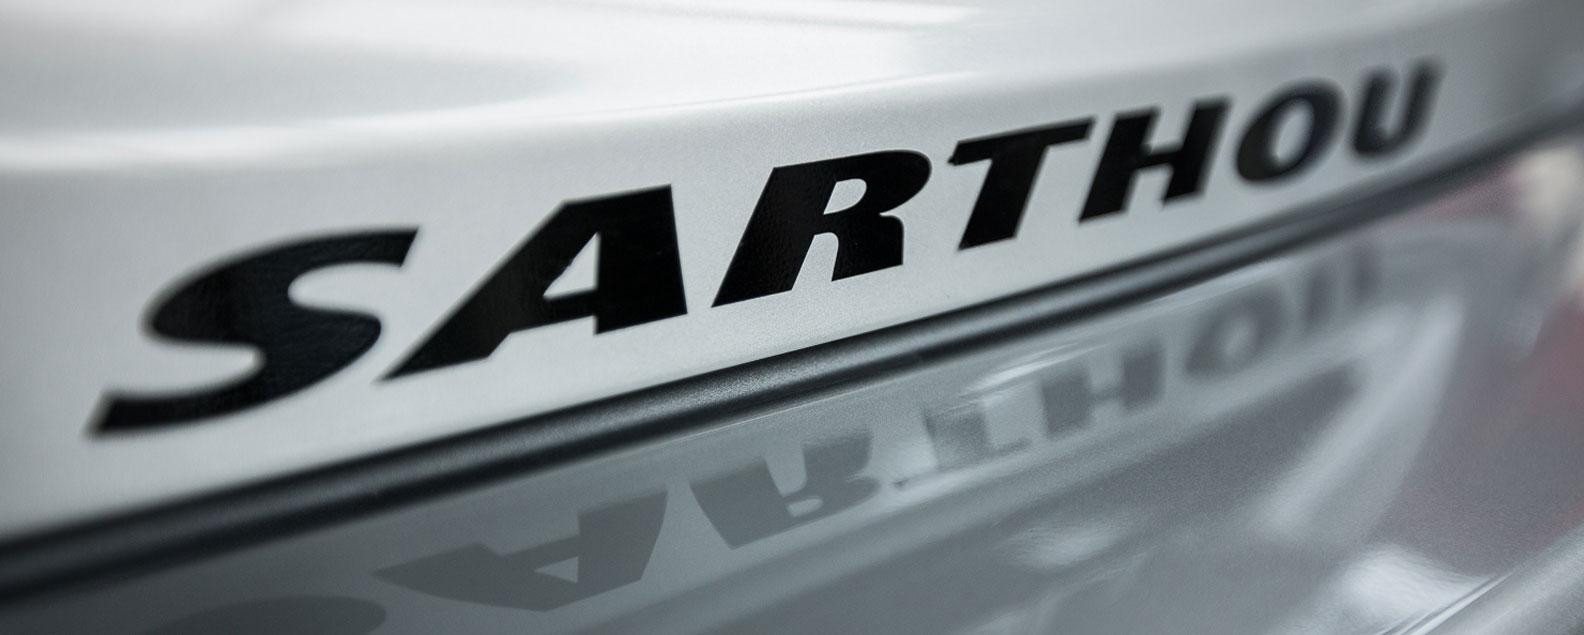 Toyota Sarthou Buenos Aires La Empresa